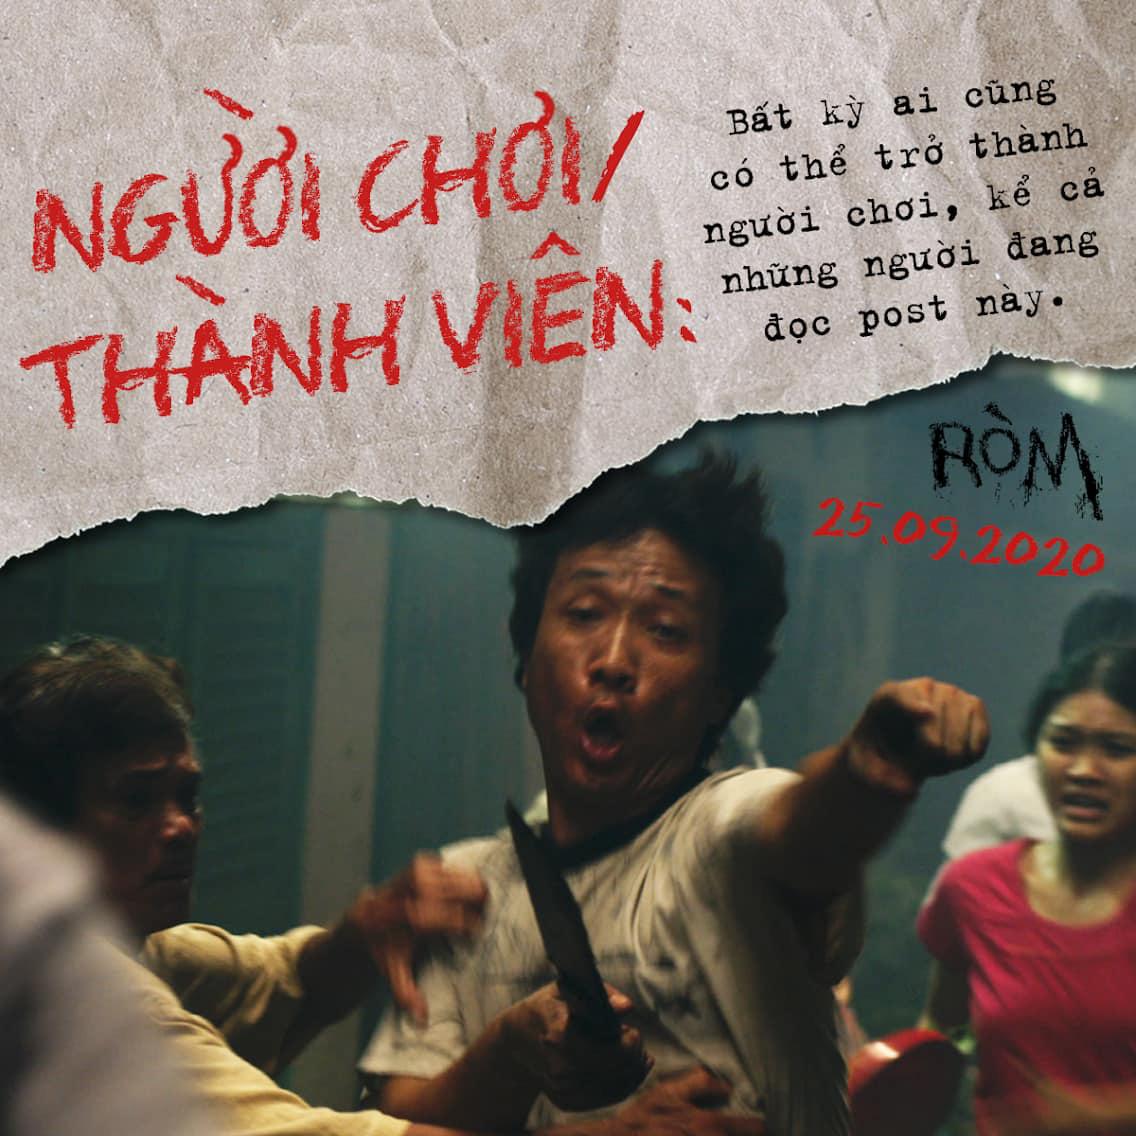 """Đạo diễn Trần Thanh Huy: """"Tôi chấp nhận đánh đổi để làm tới cùng!"""" - Ảnh 5."""